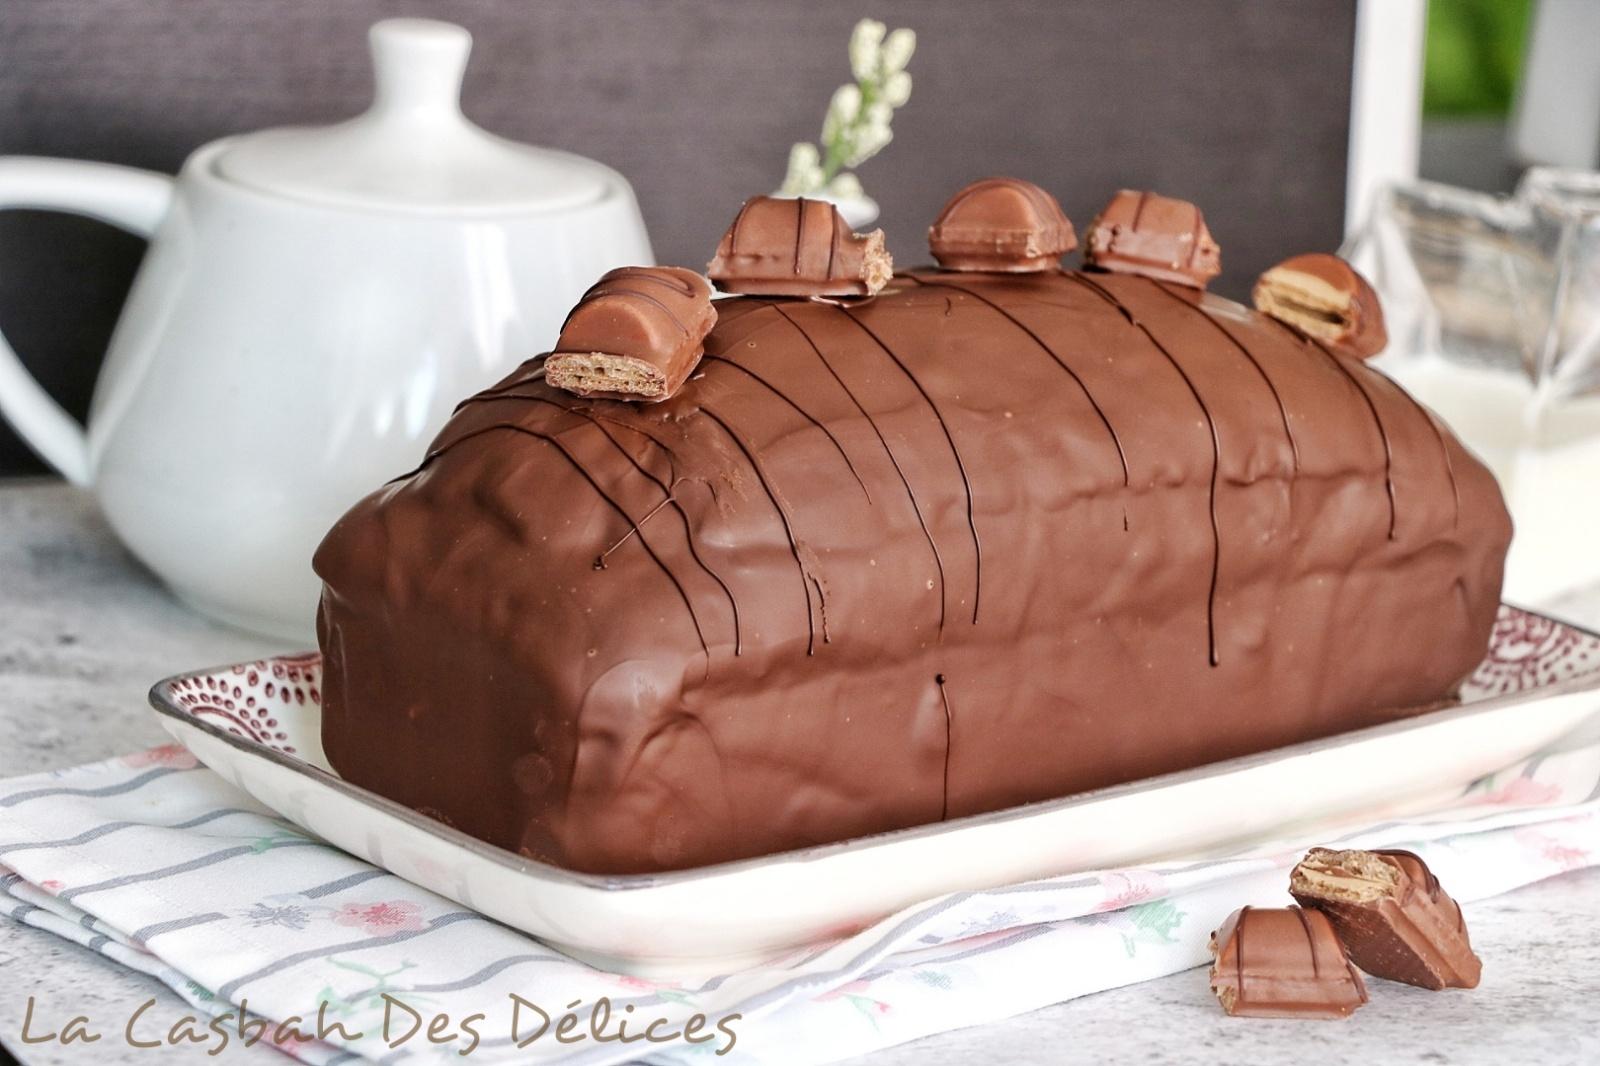 Cake kinder bueno